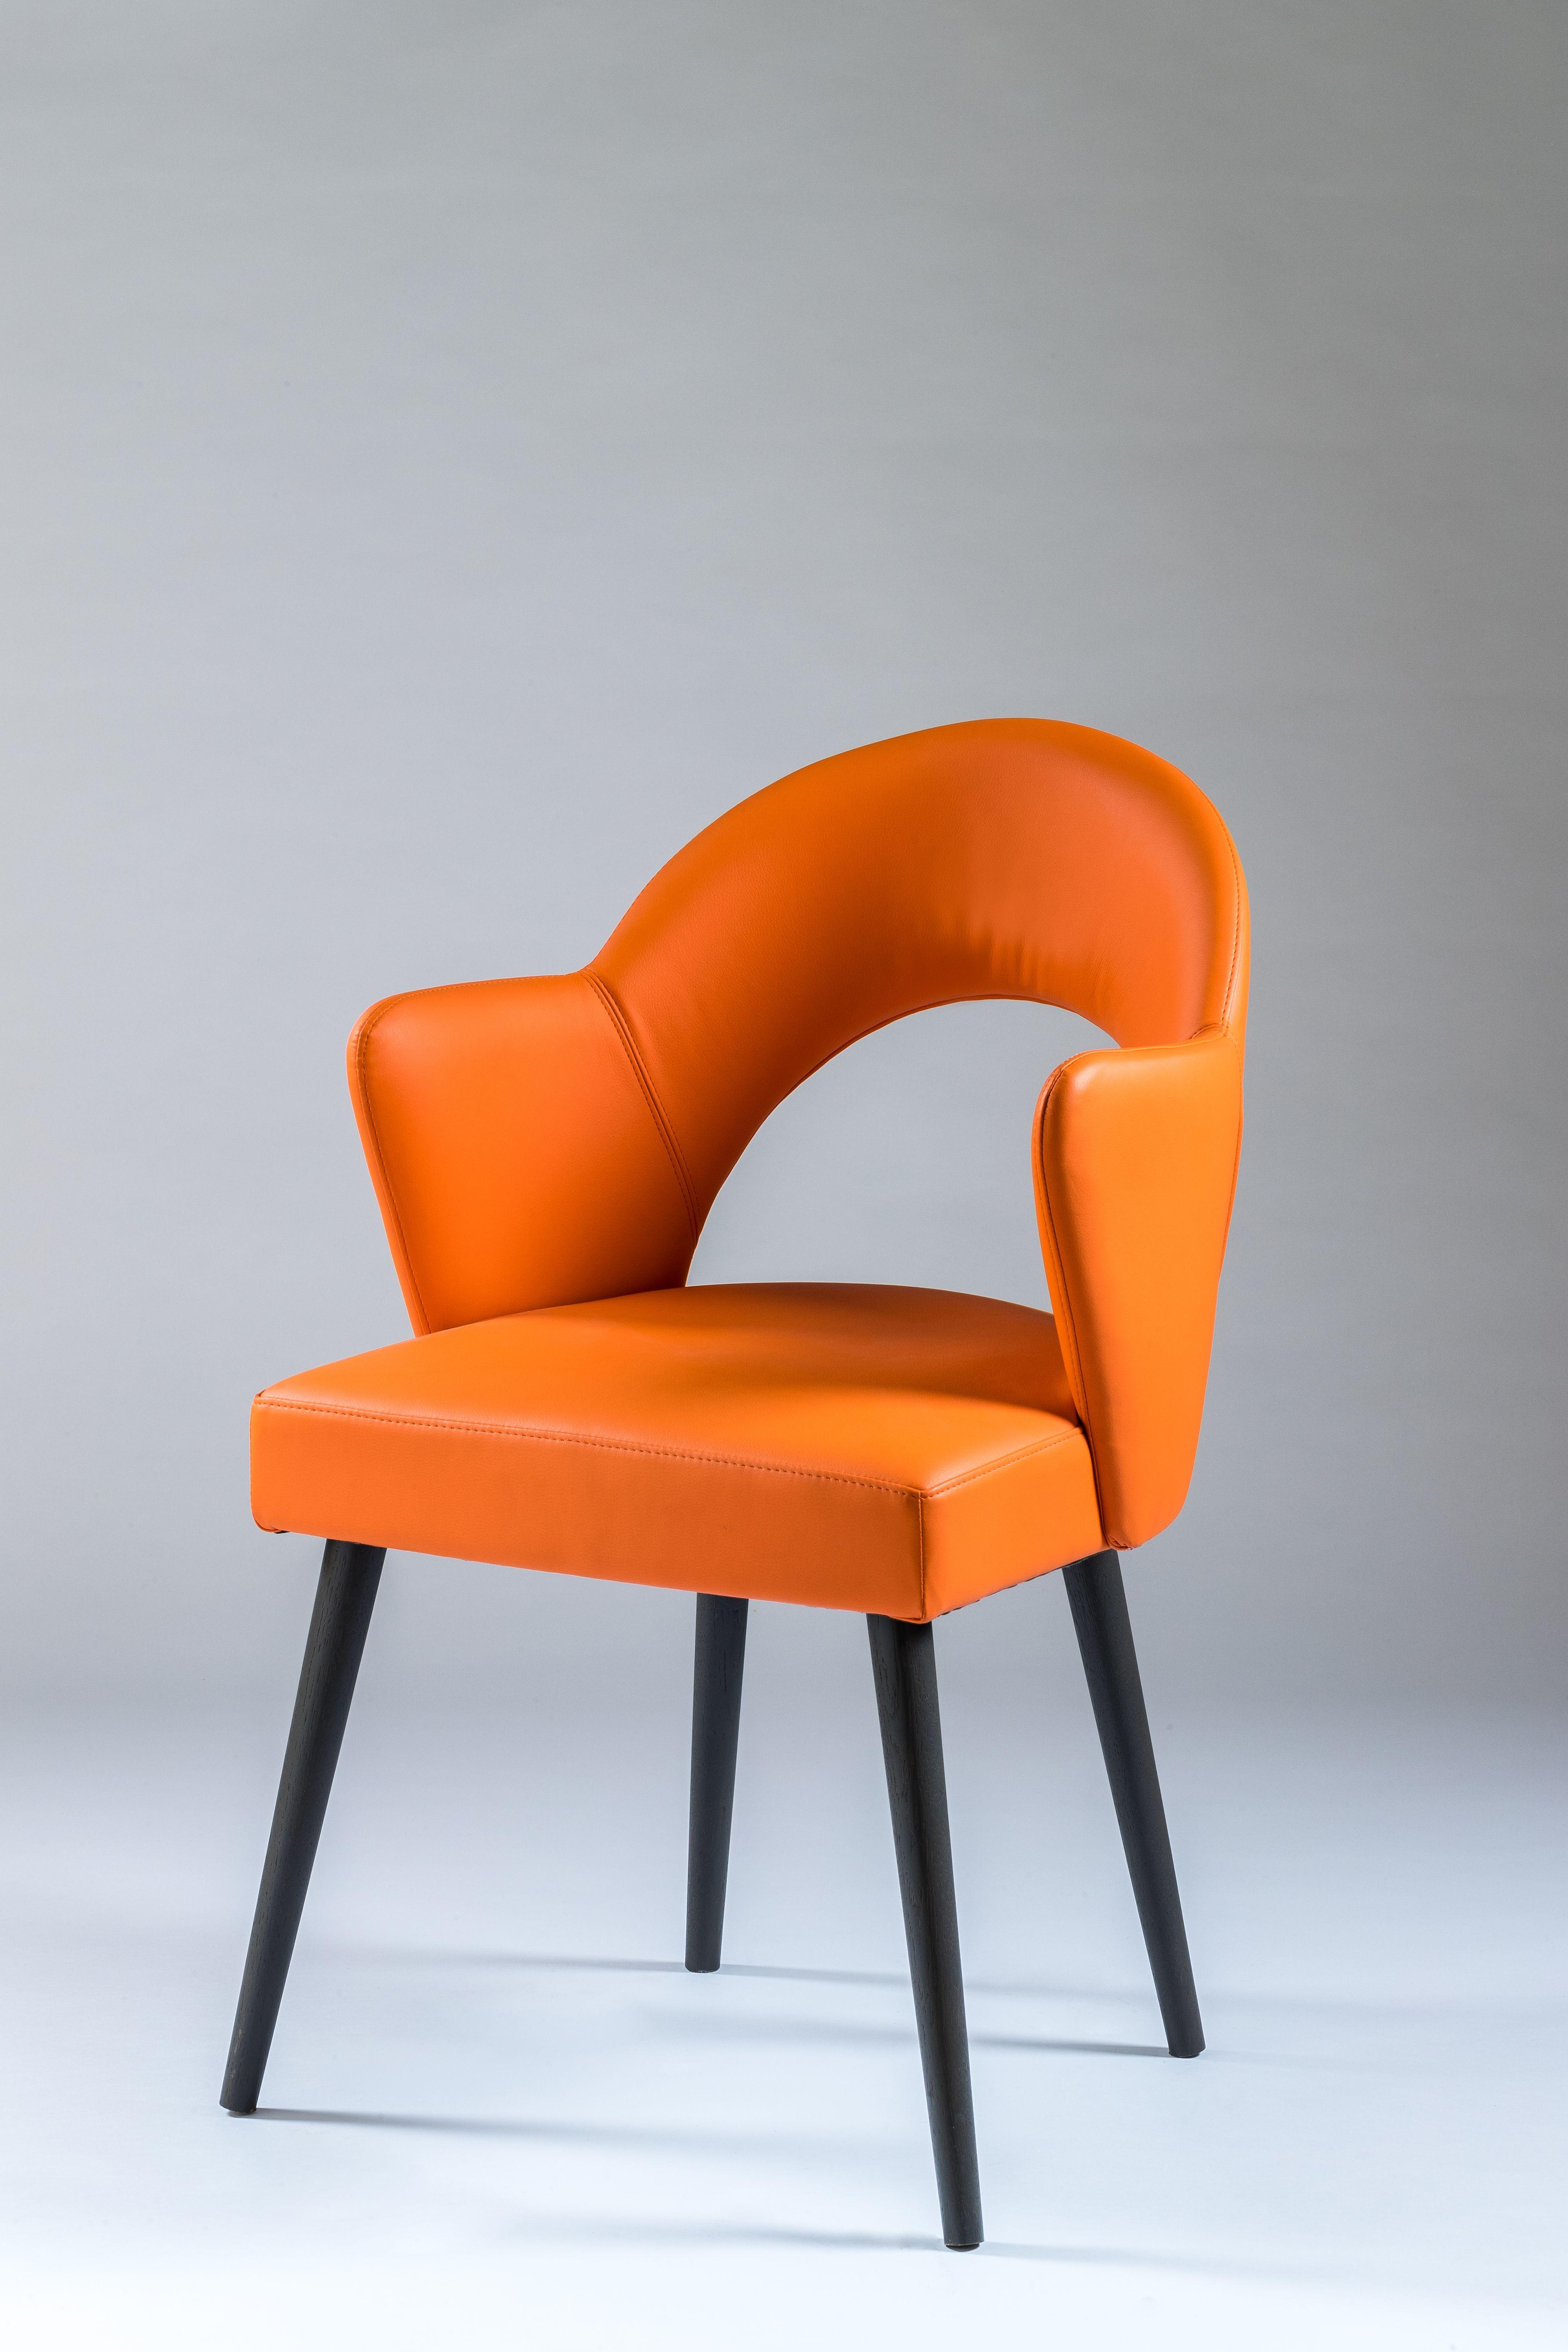 Epingle Par Meubles Oleron Sur Une Selection Rafraichissante Mobilier De Salon Magasin Meuble Design